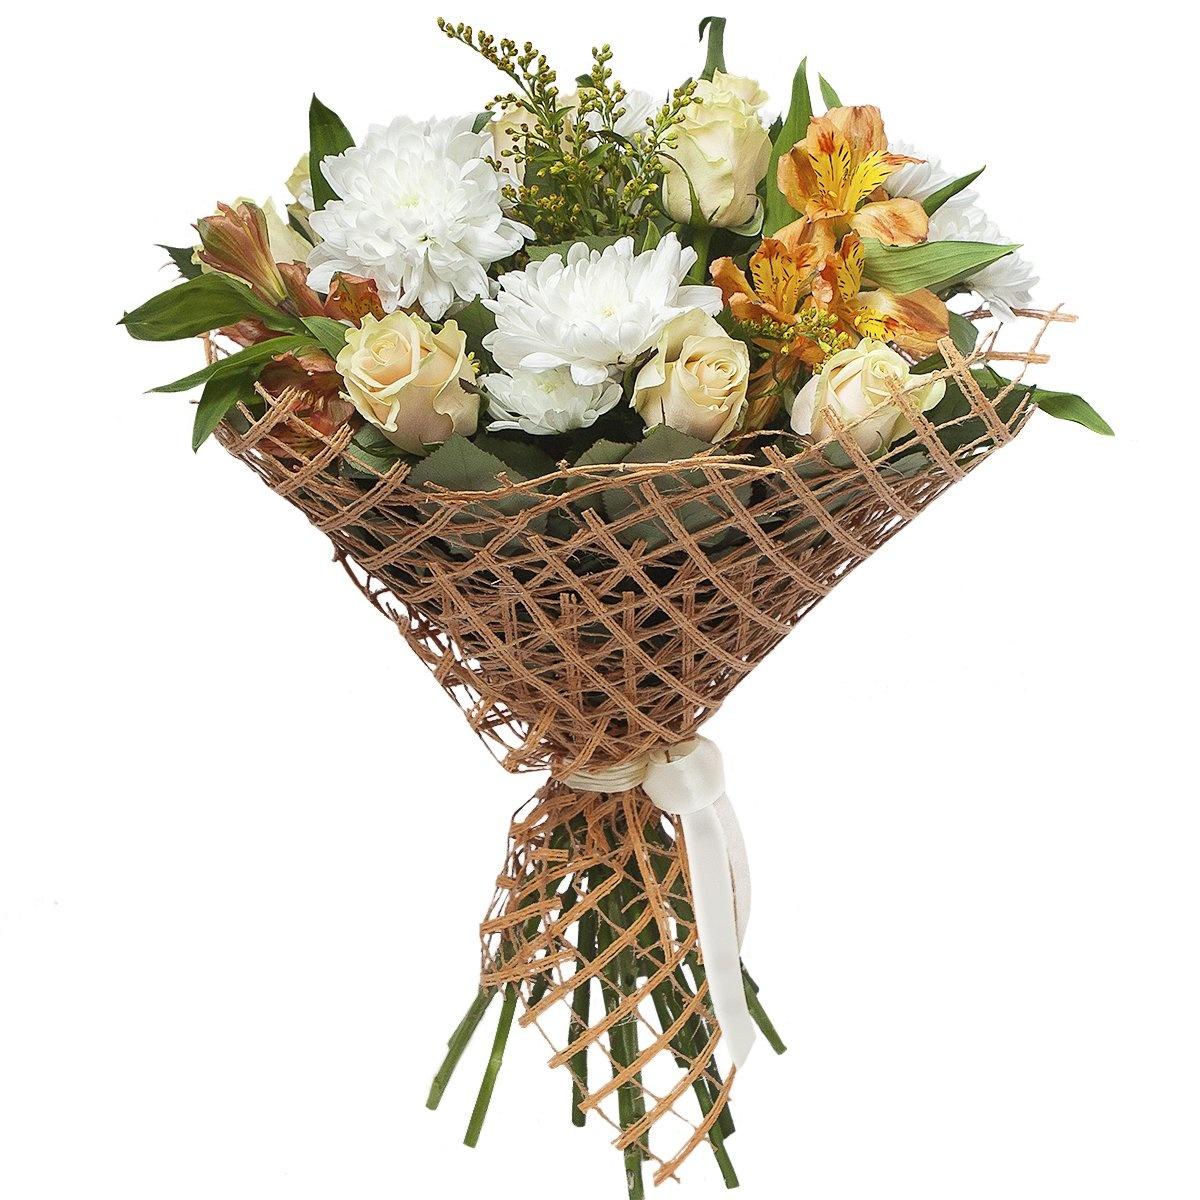 Цветов, оформление свадьбы букетов цветов сеткой